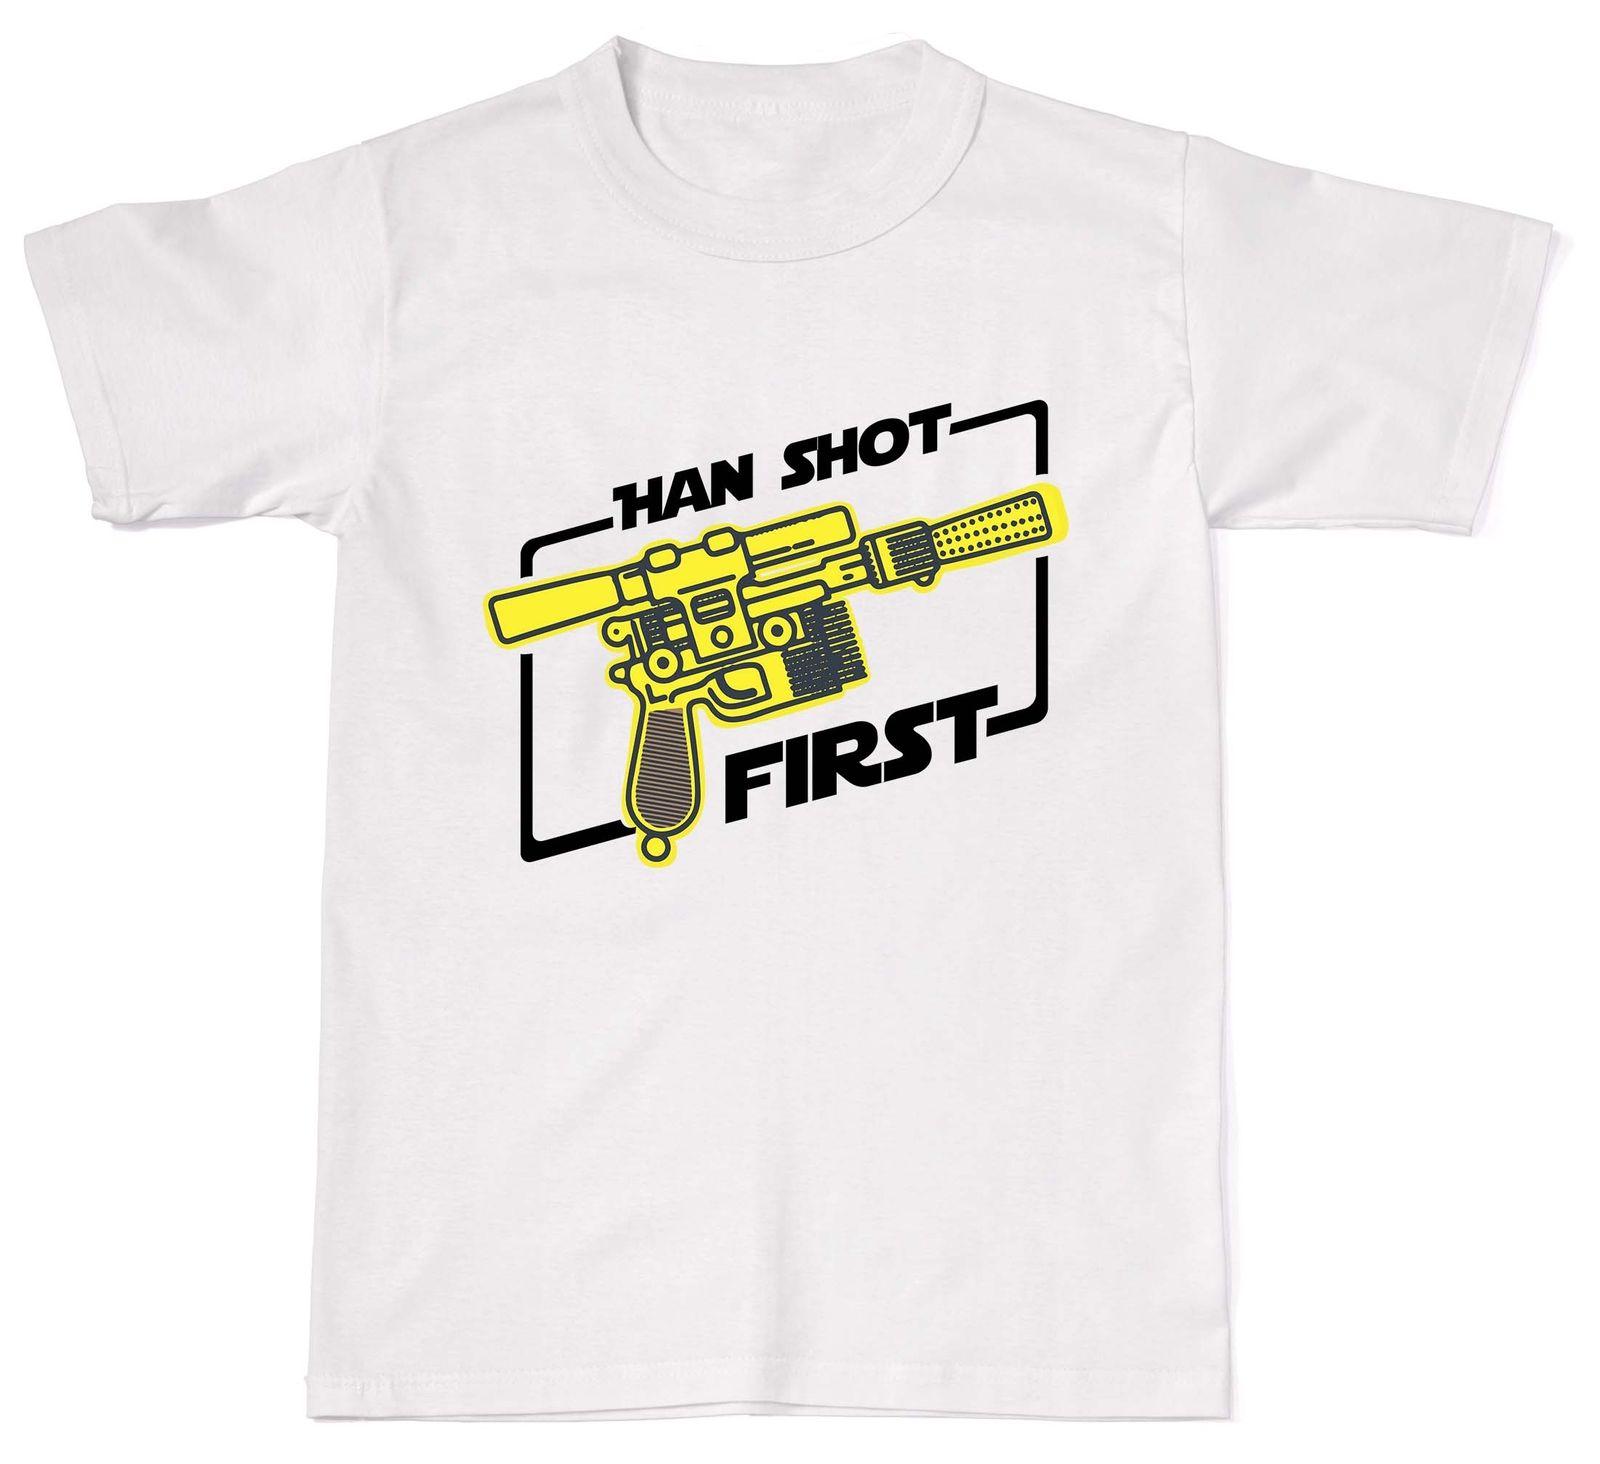 Хлопковые свободные короткий рукав мужские рубашки Хан выстрелил впервые Забавный войны фантастика мастер Nerd Solo унисекс футболка хлопок